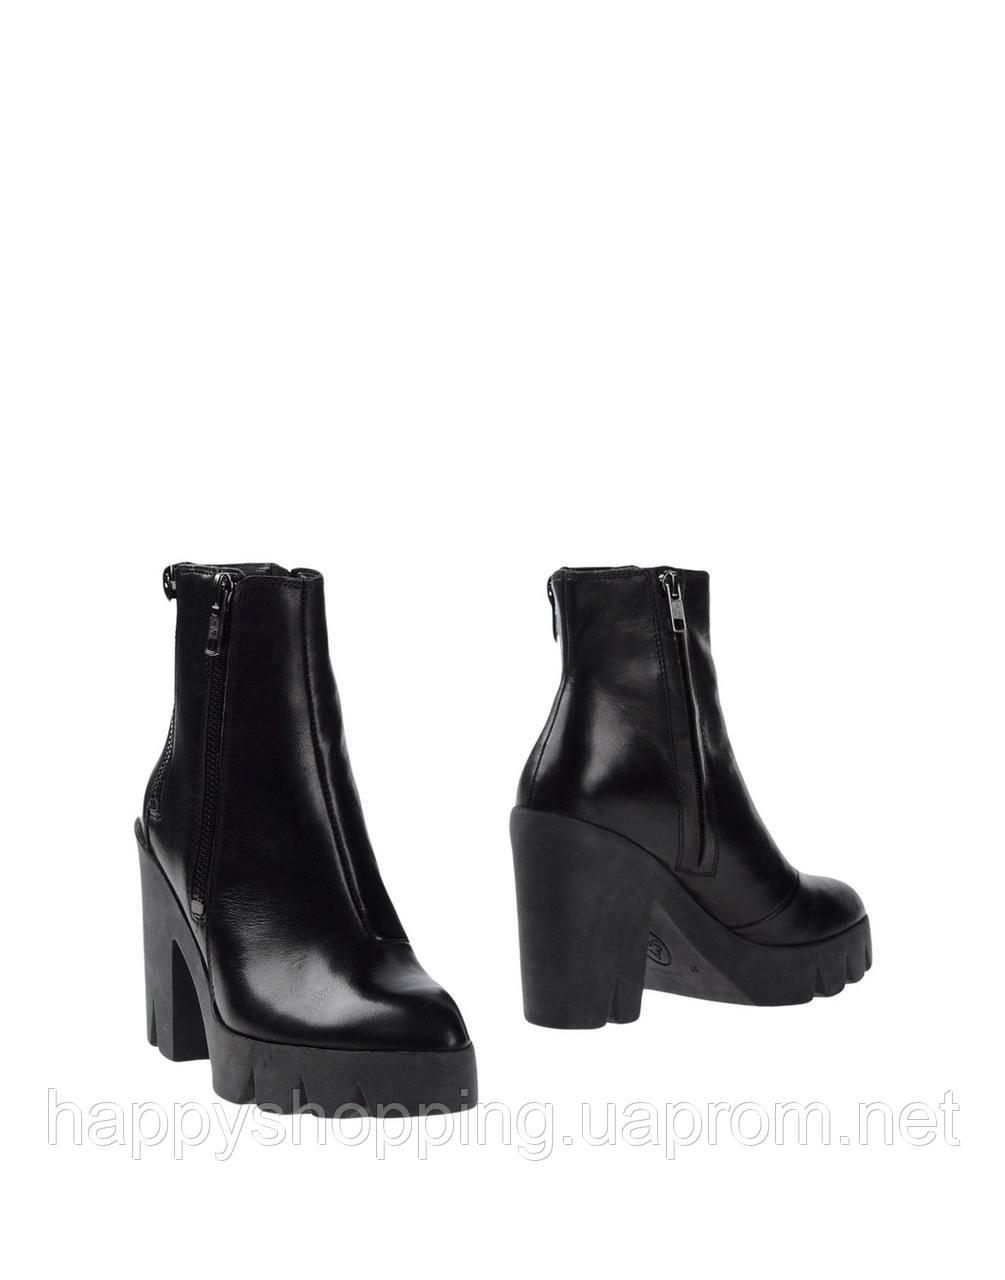 Женские  стильные молодежные черные кожаные ботинки ASH на каблуке